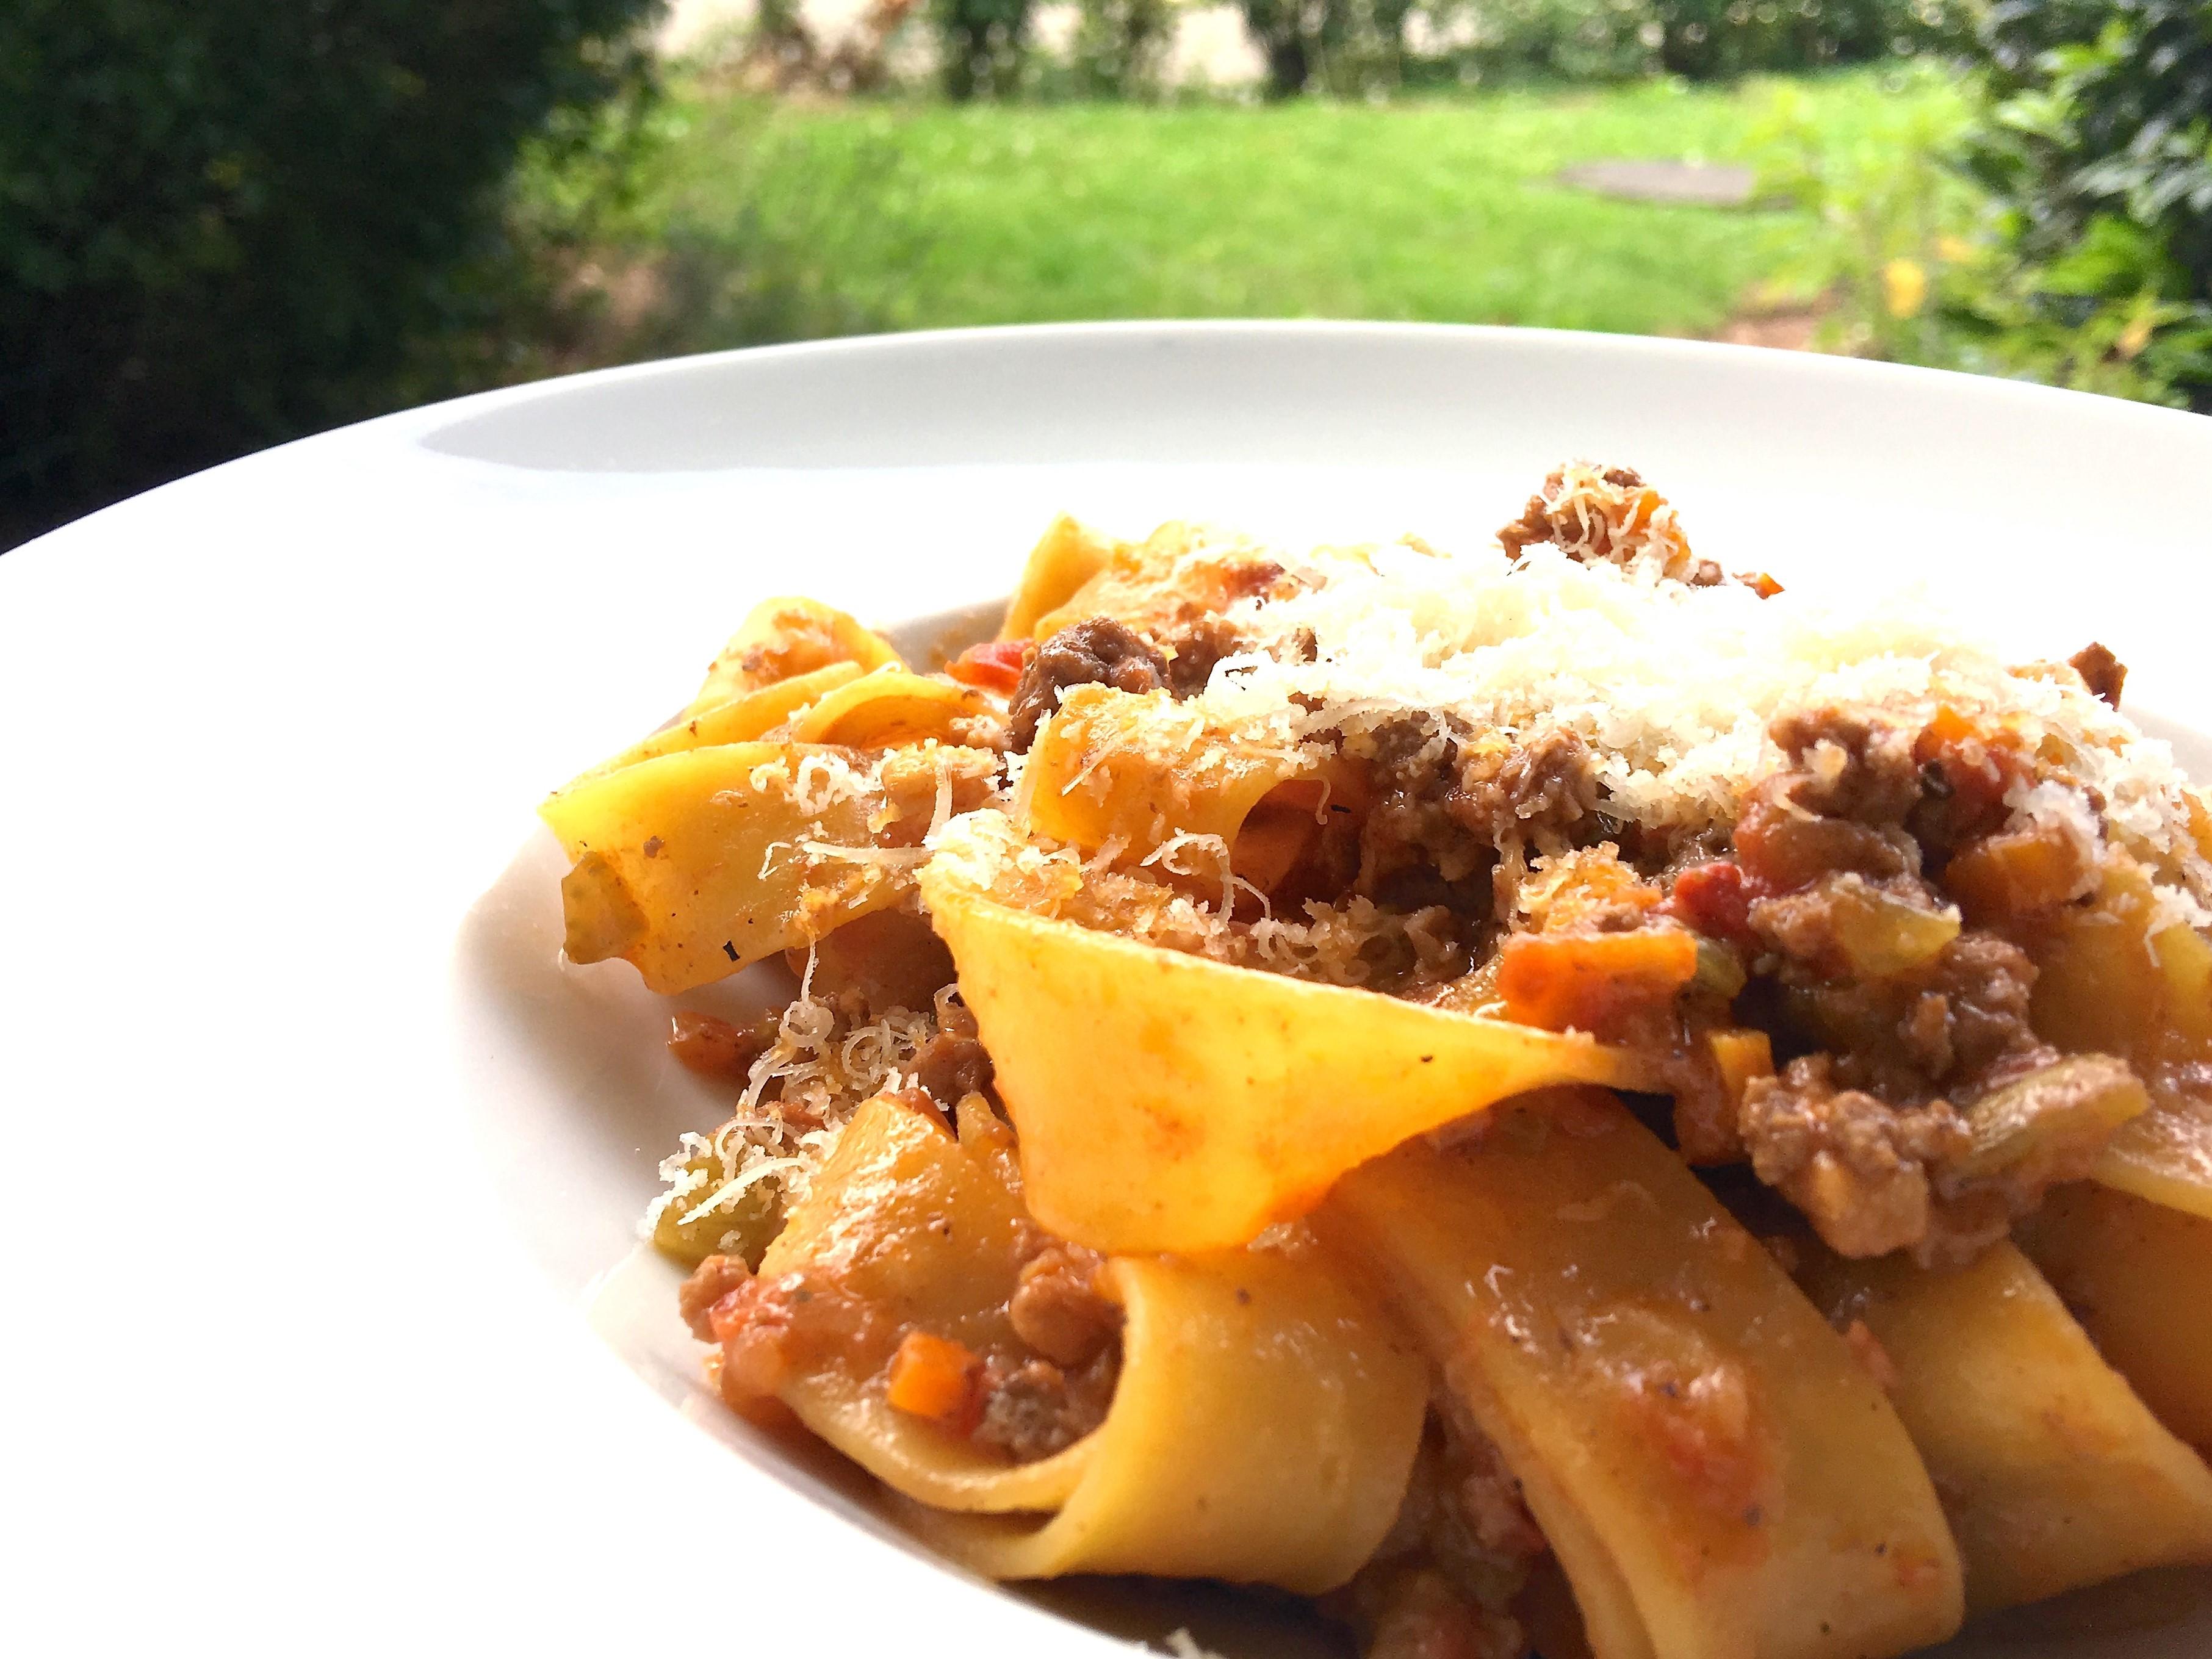 Ragù alla Bolognese mit frischer Pasta, auf dem Bild seht ihr meine frisch gemachten Pappardelle. Abgerundet wird das Gericht mit Parmesan.